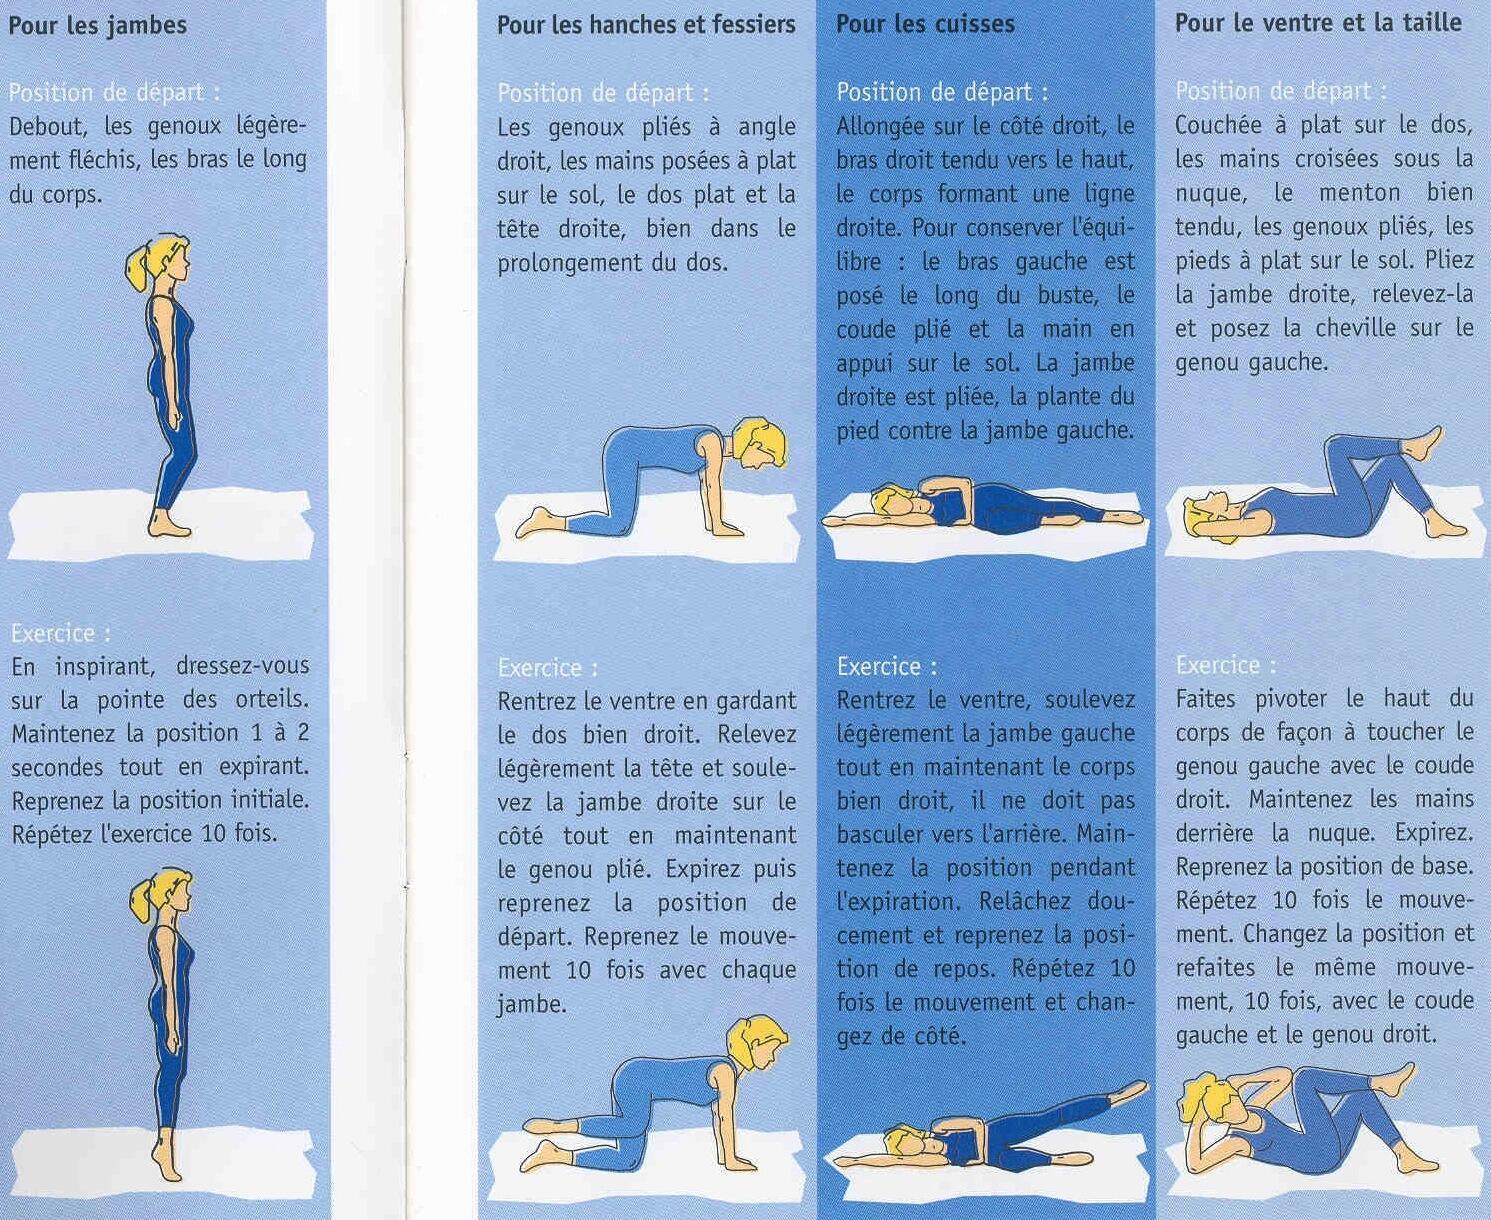 Exercice pour perdre des hanches - Carabiens le Forum